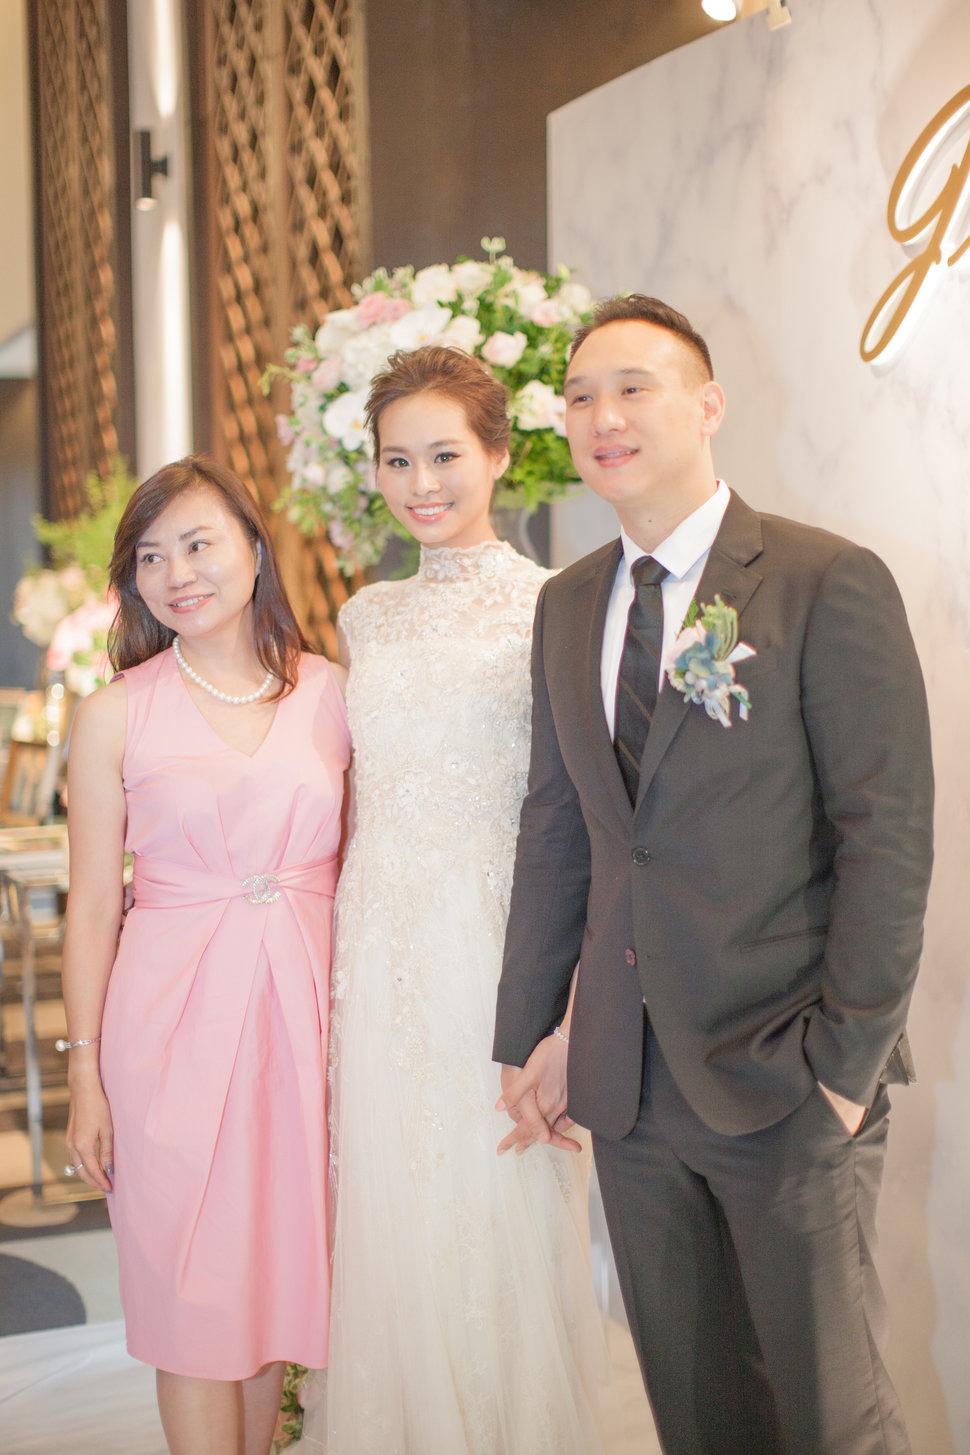 3g8y3654_24371085138_o - Leo影像 - 結婚吧